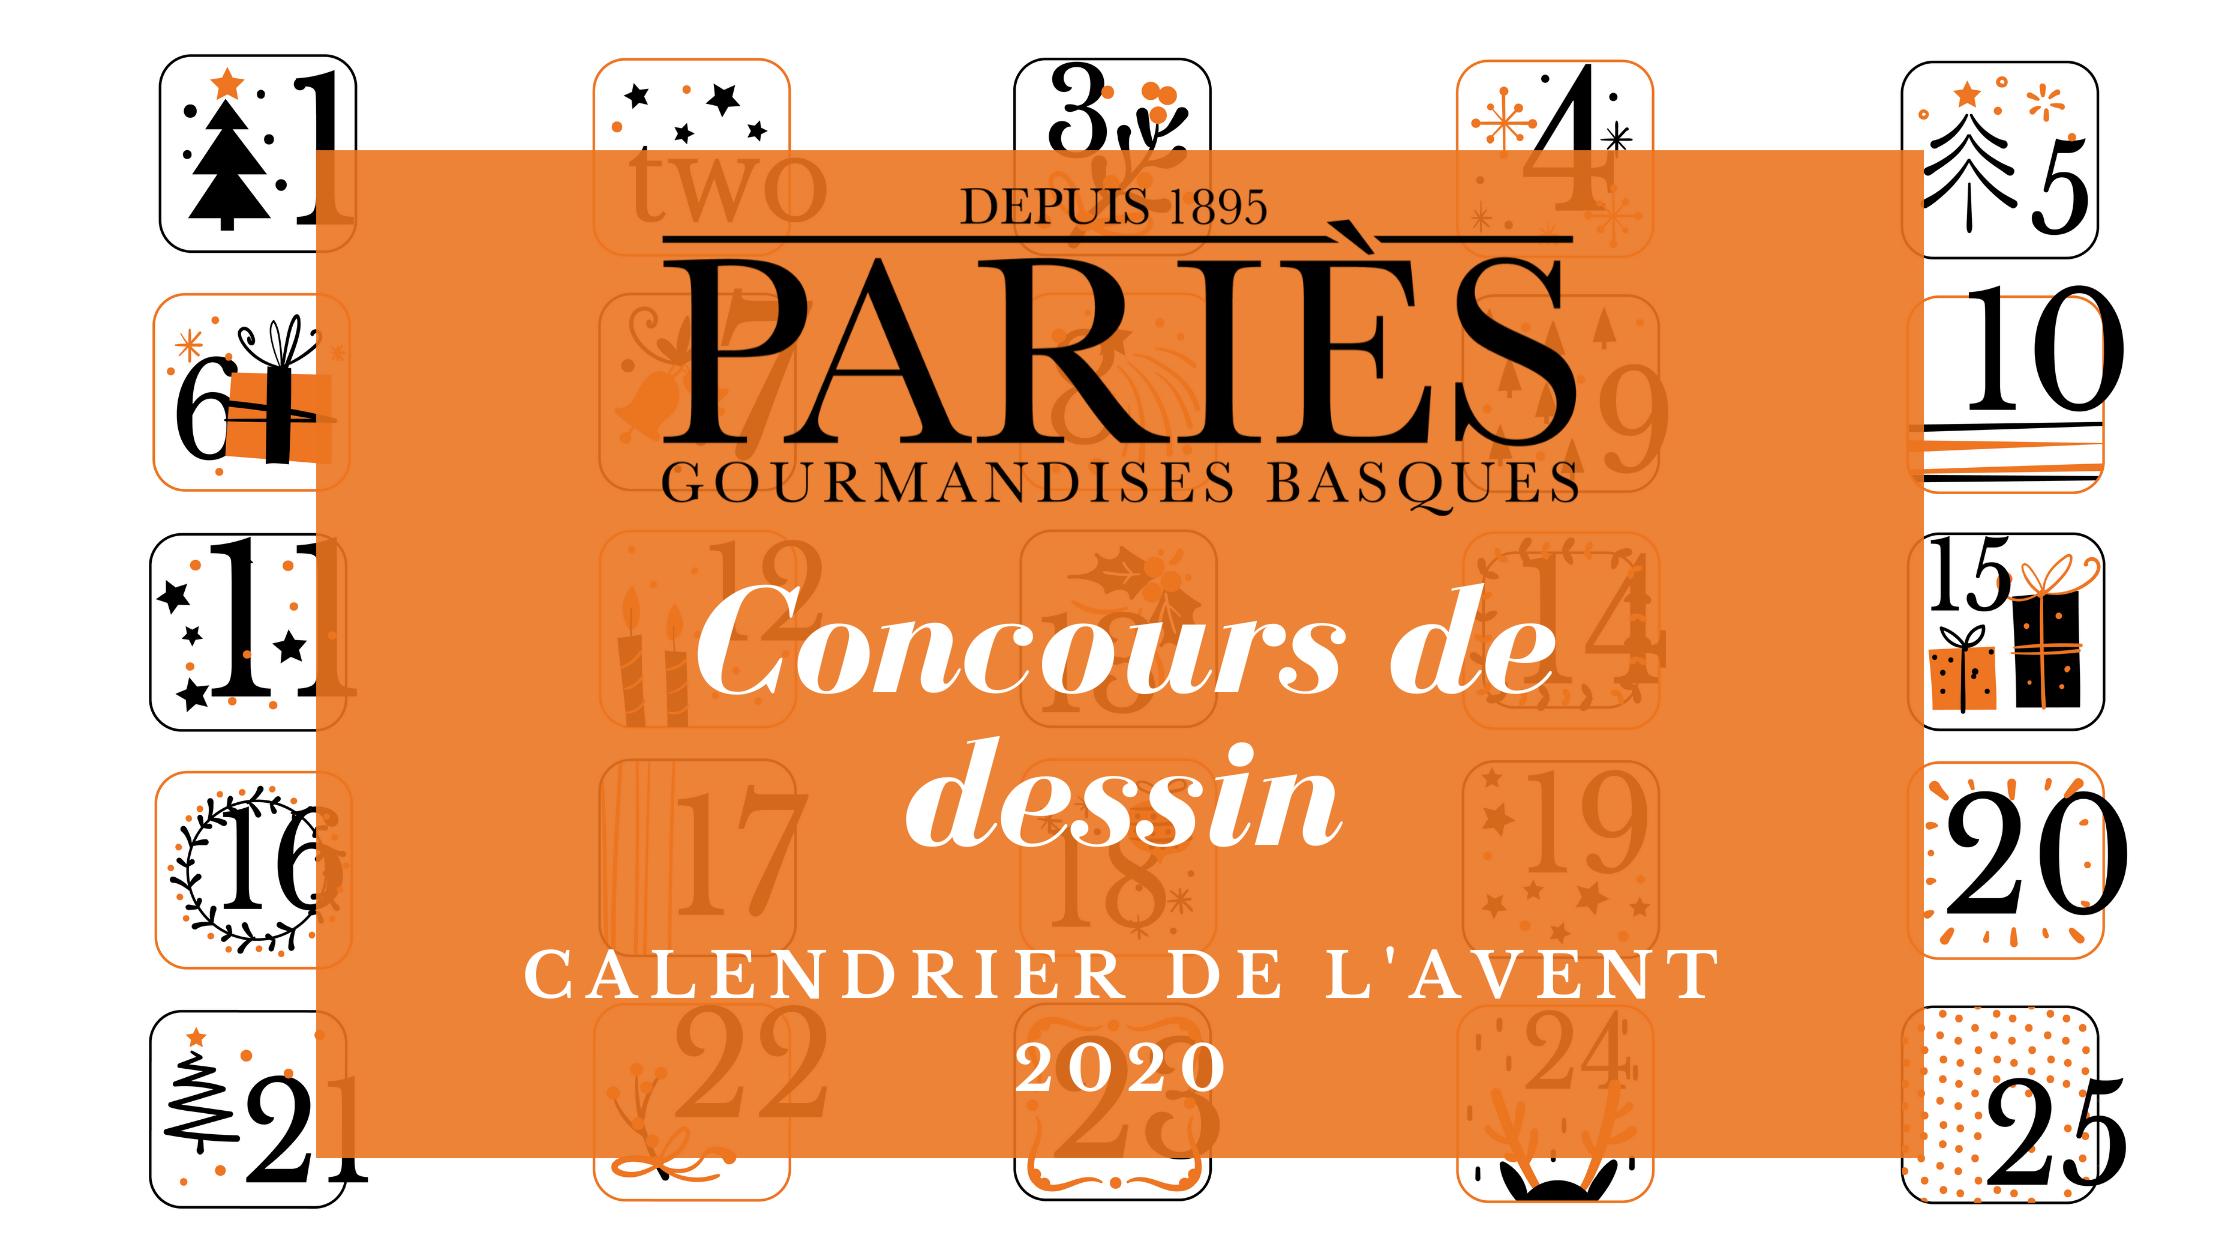 Concours dessin - Calendrier de l'Avent 2020